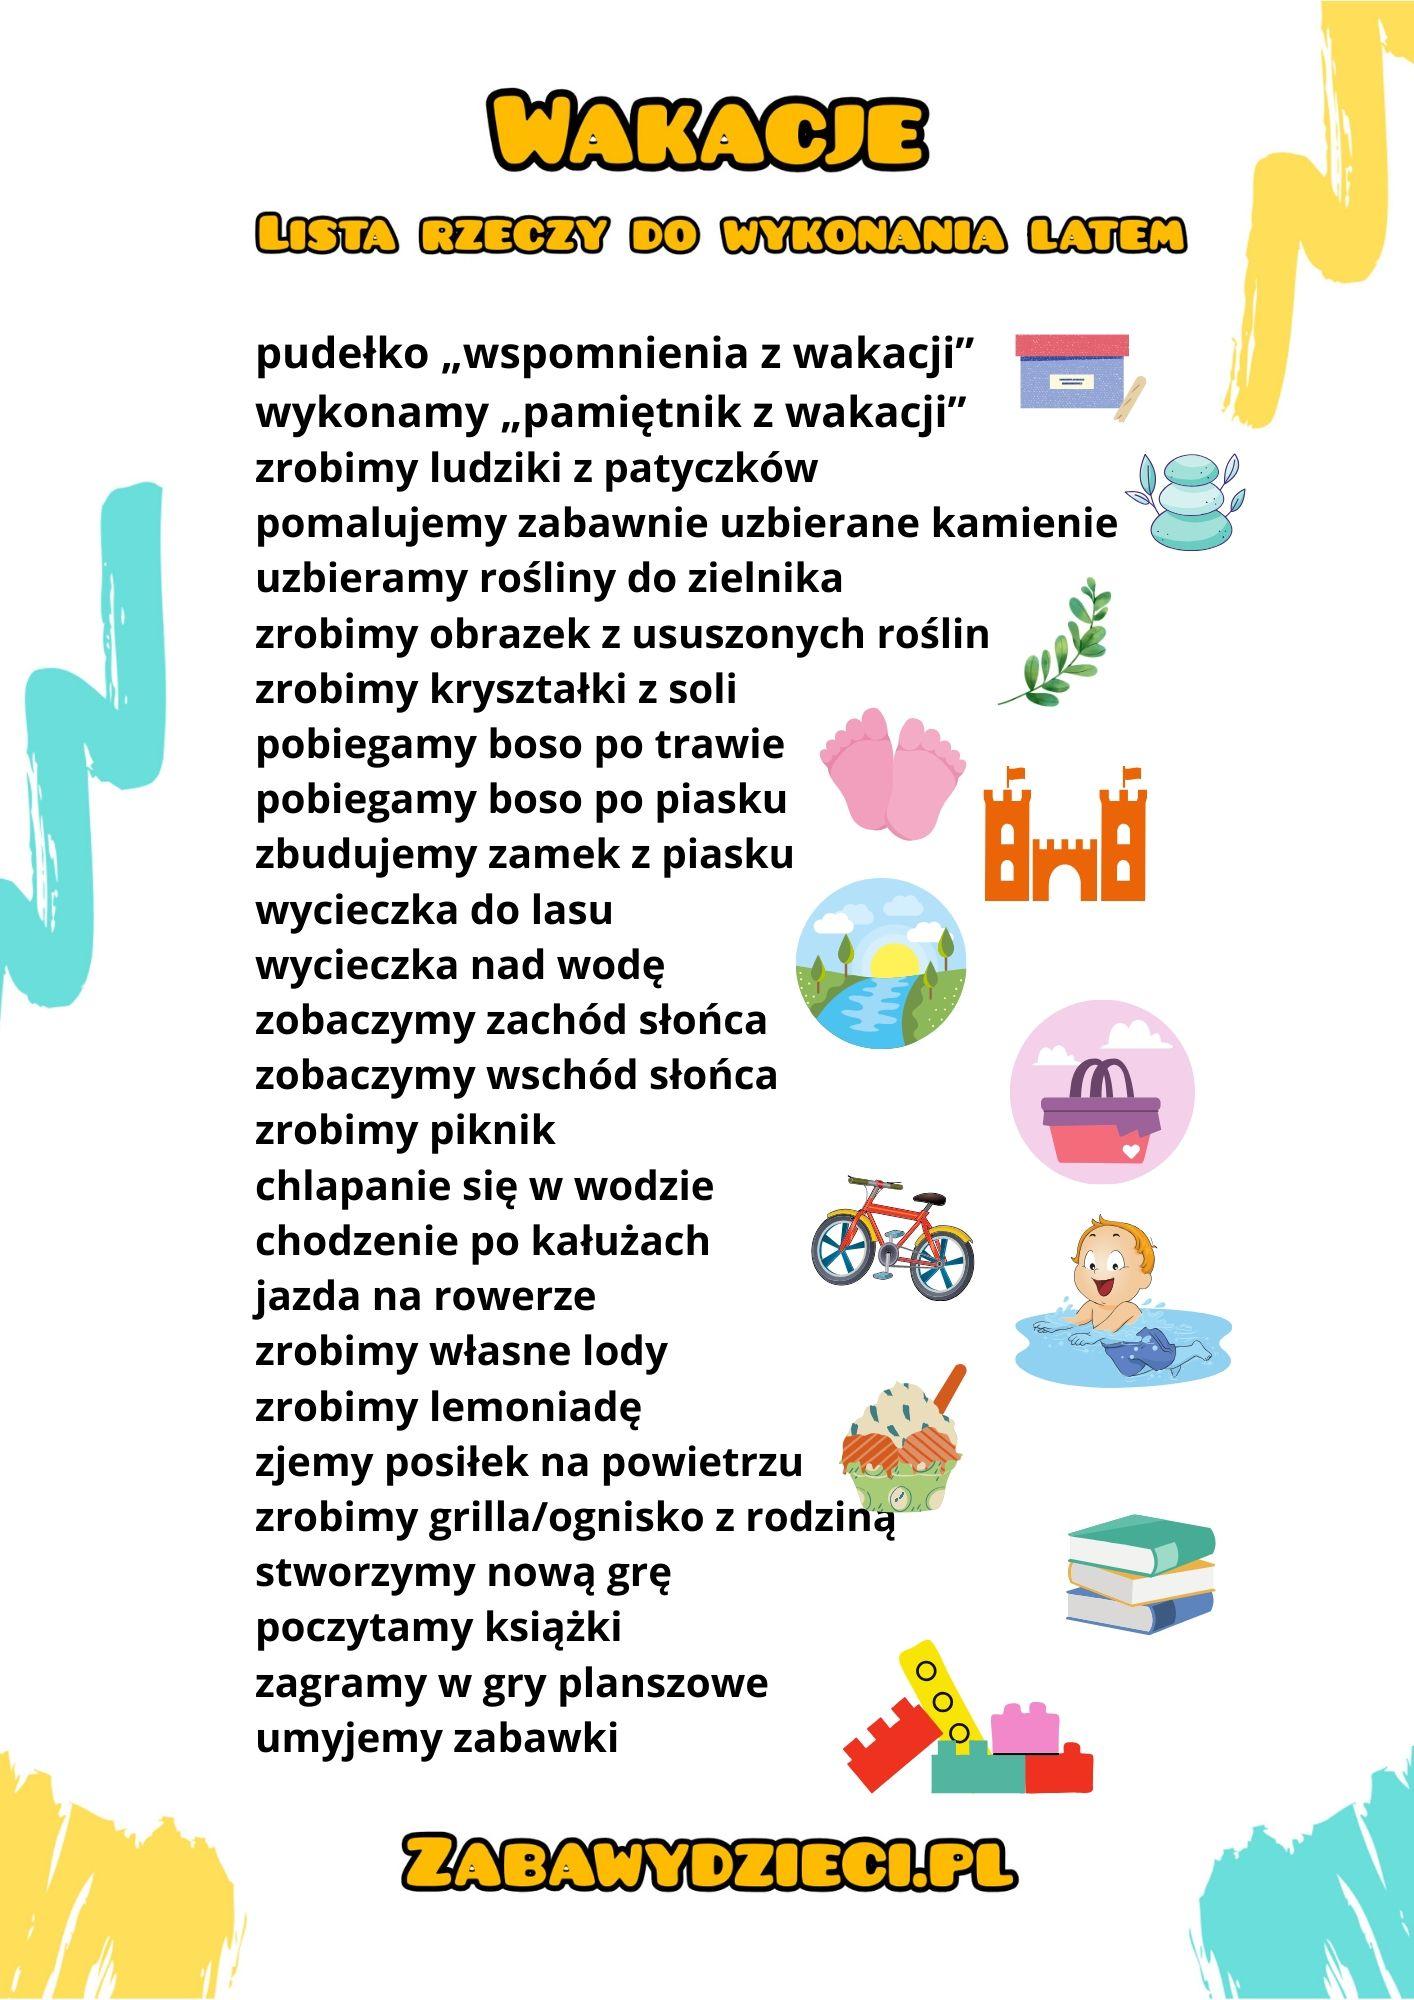 lista rzeczy do zrobienia w wakacje